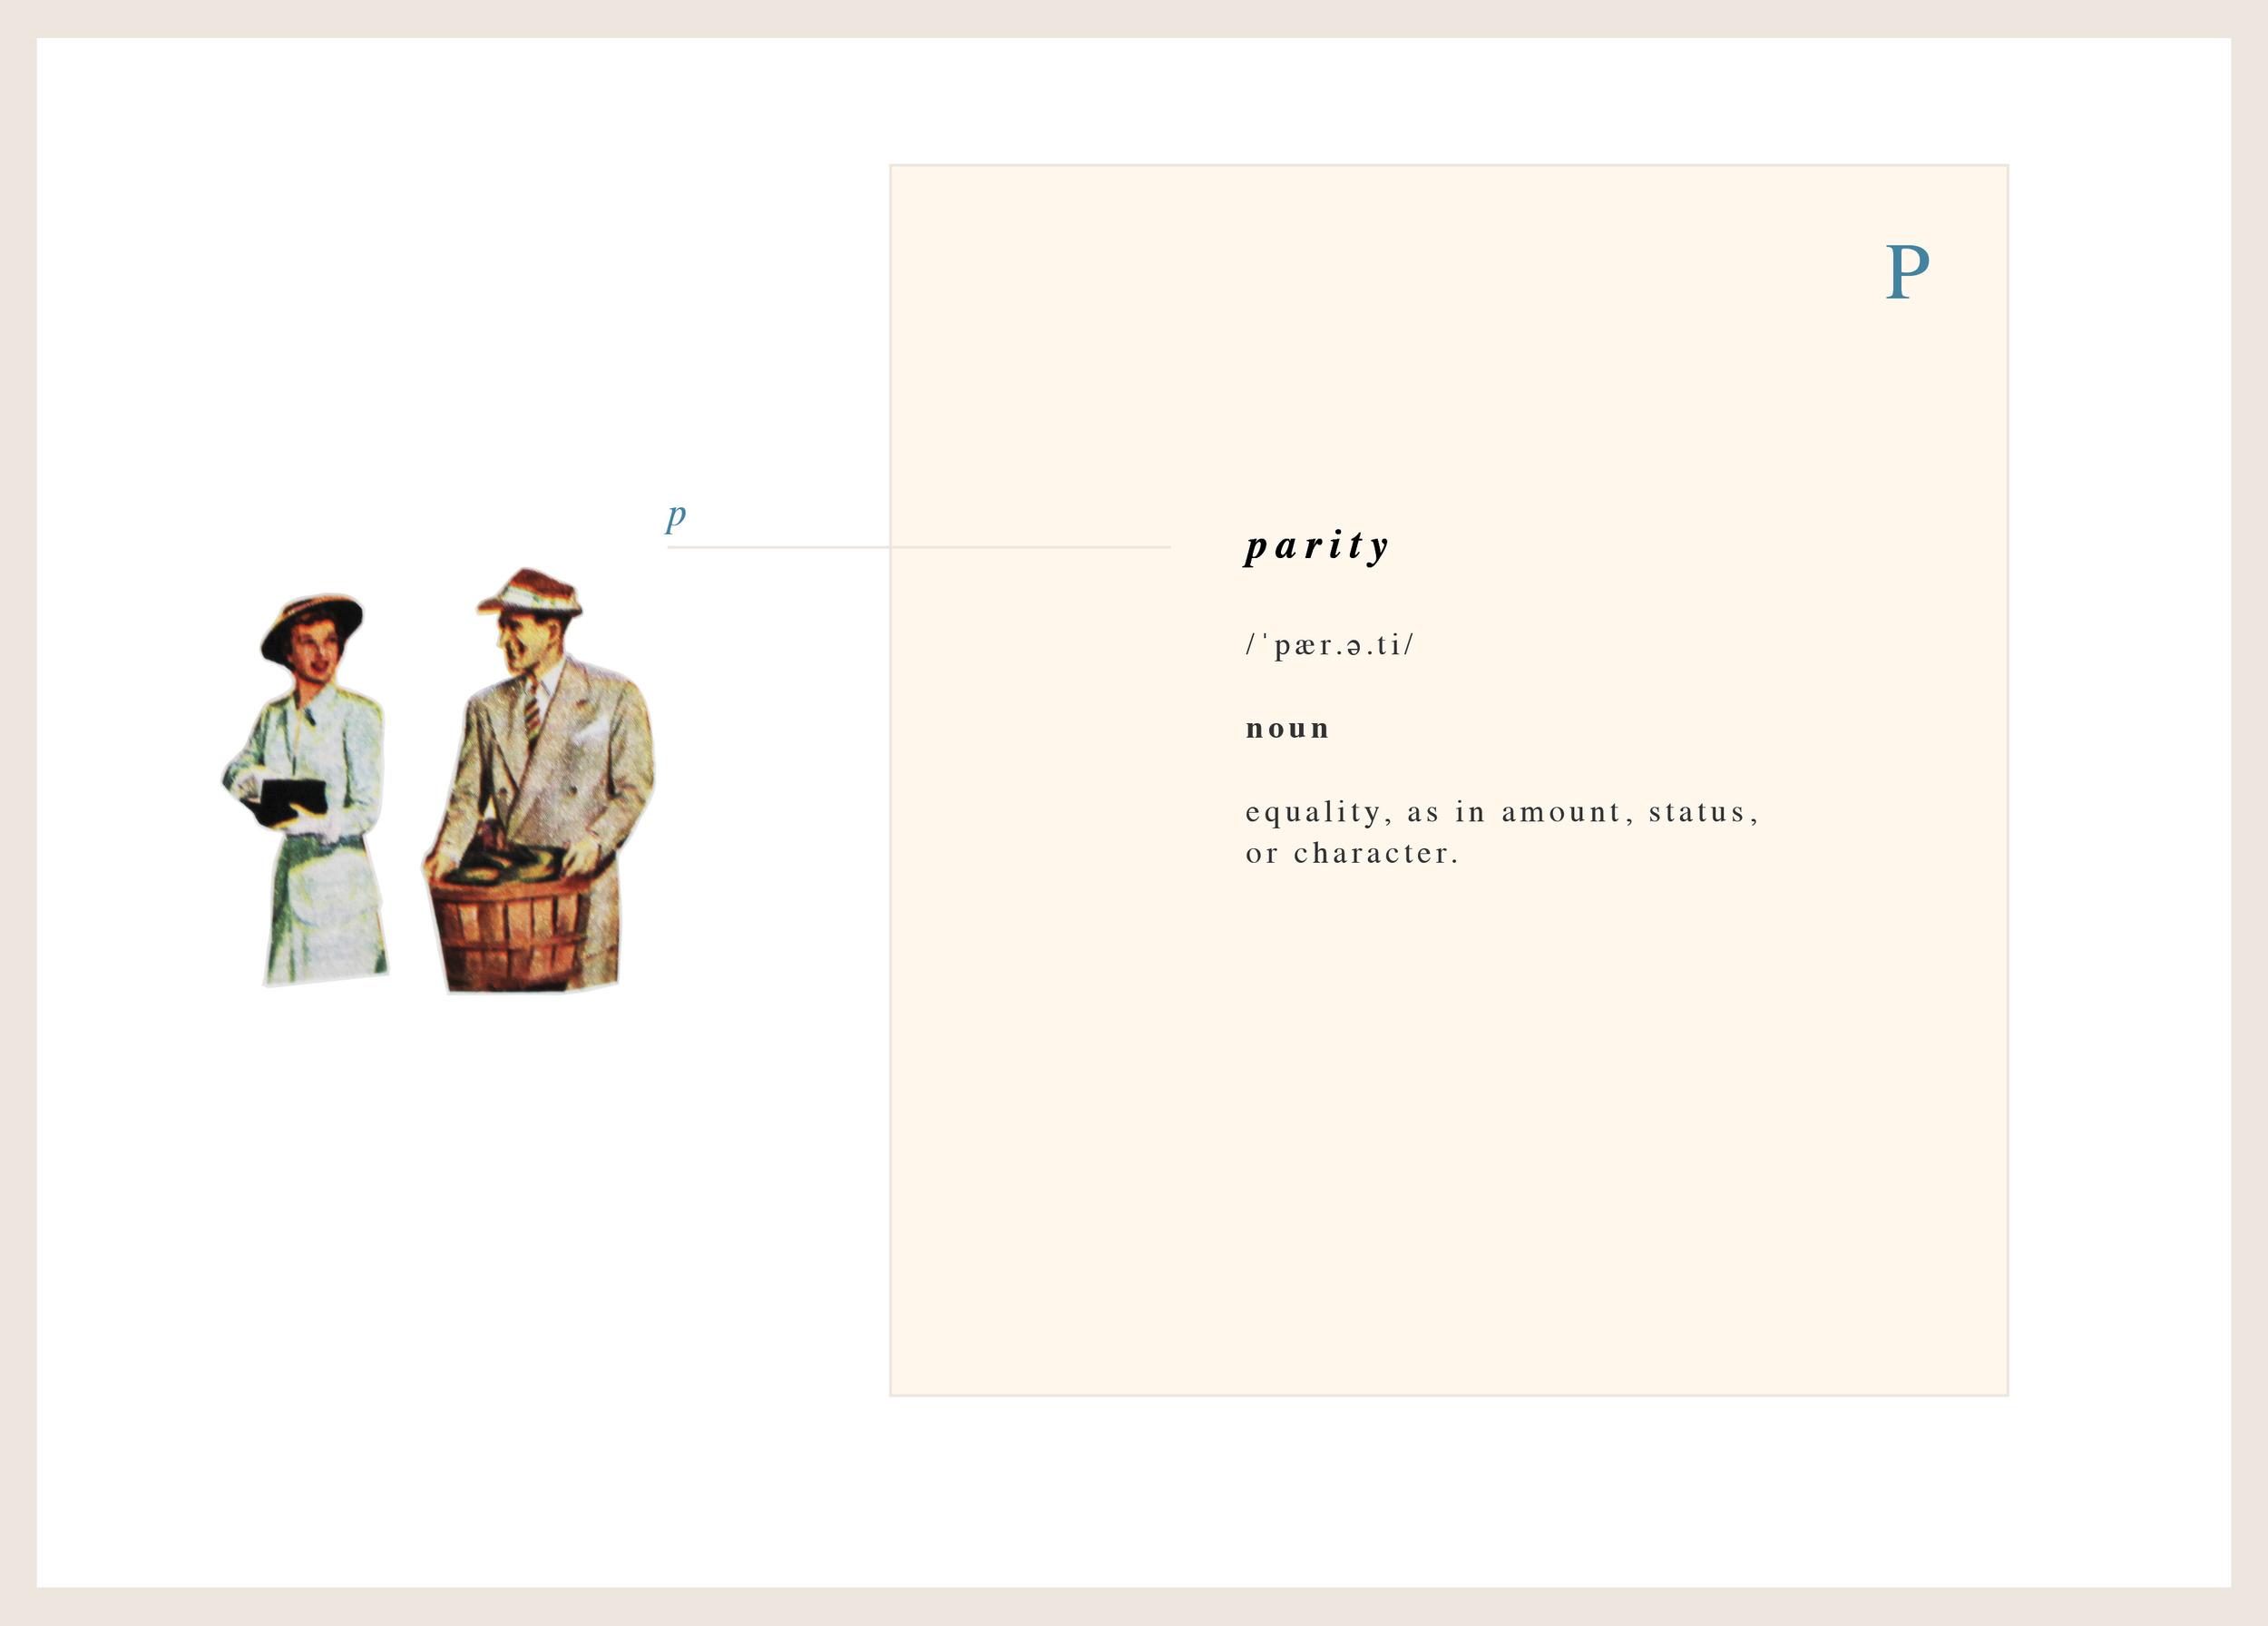 beitz_dict_parity.jpg